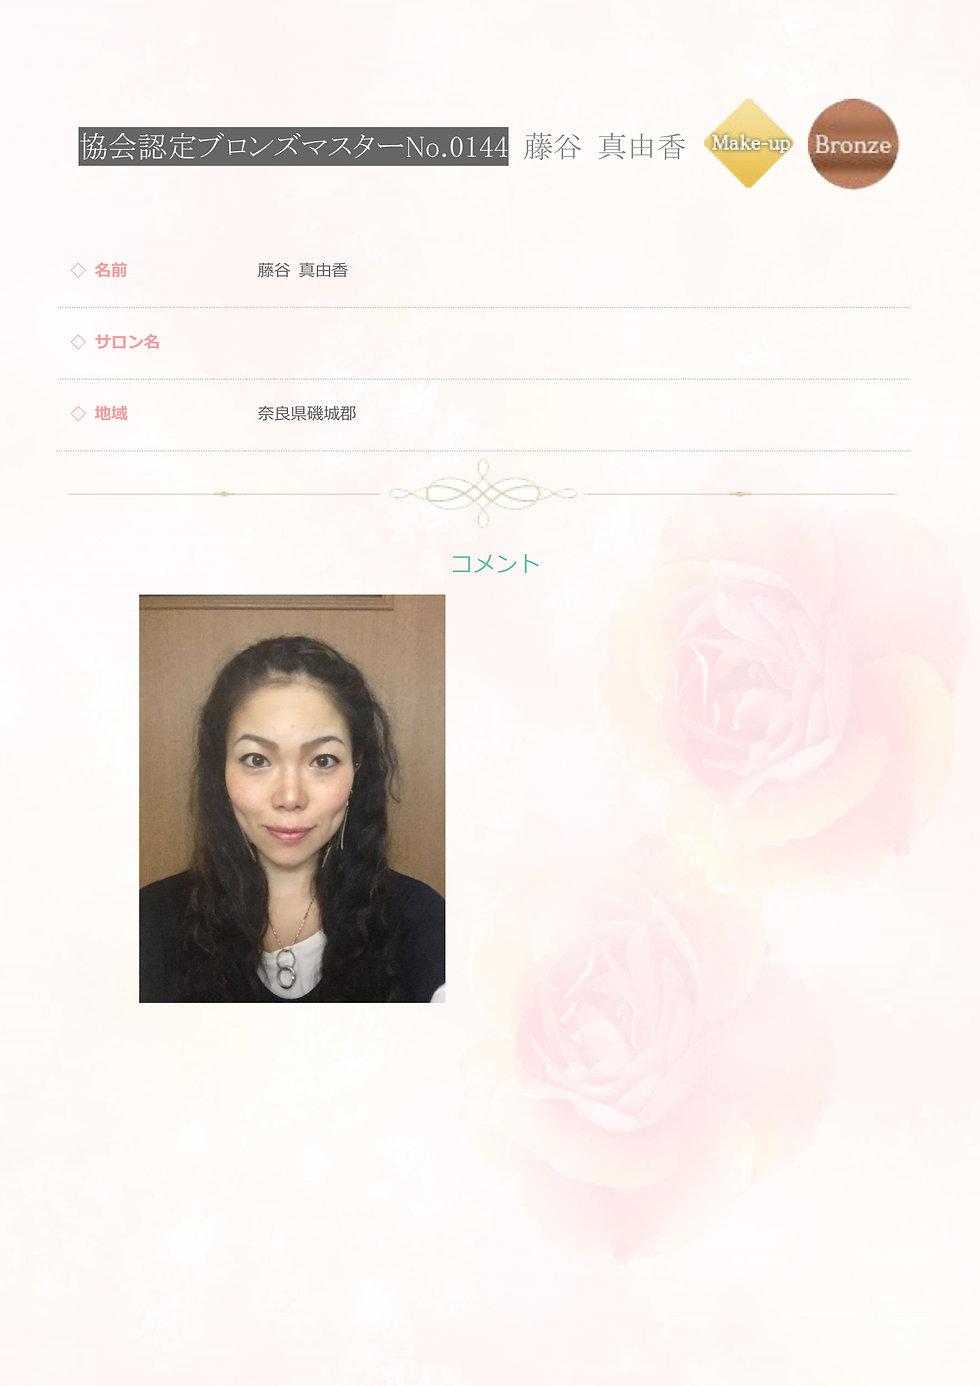 協会認定 ブロンズマスター メイク No0144 藤谷 真由香